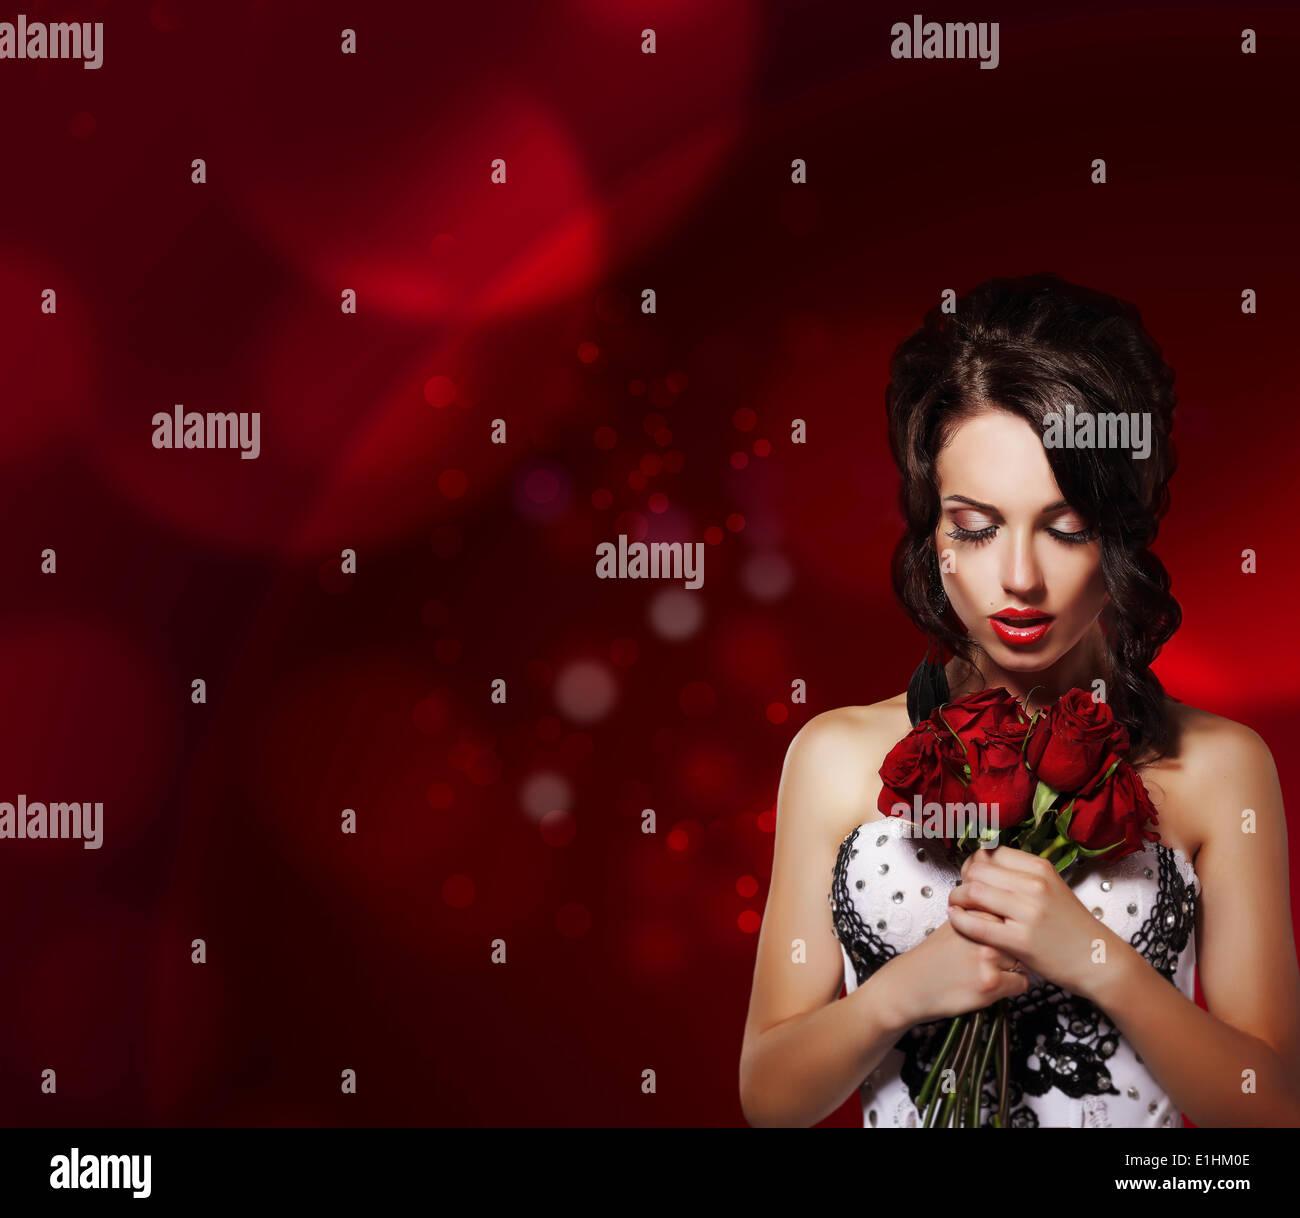 La tenerezza. Donna sognante con bouquet di fiori su sfondo viola Immagini Stock